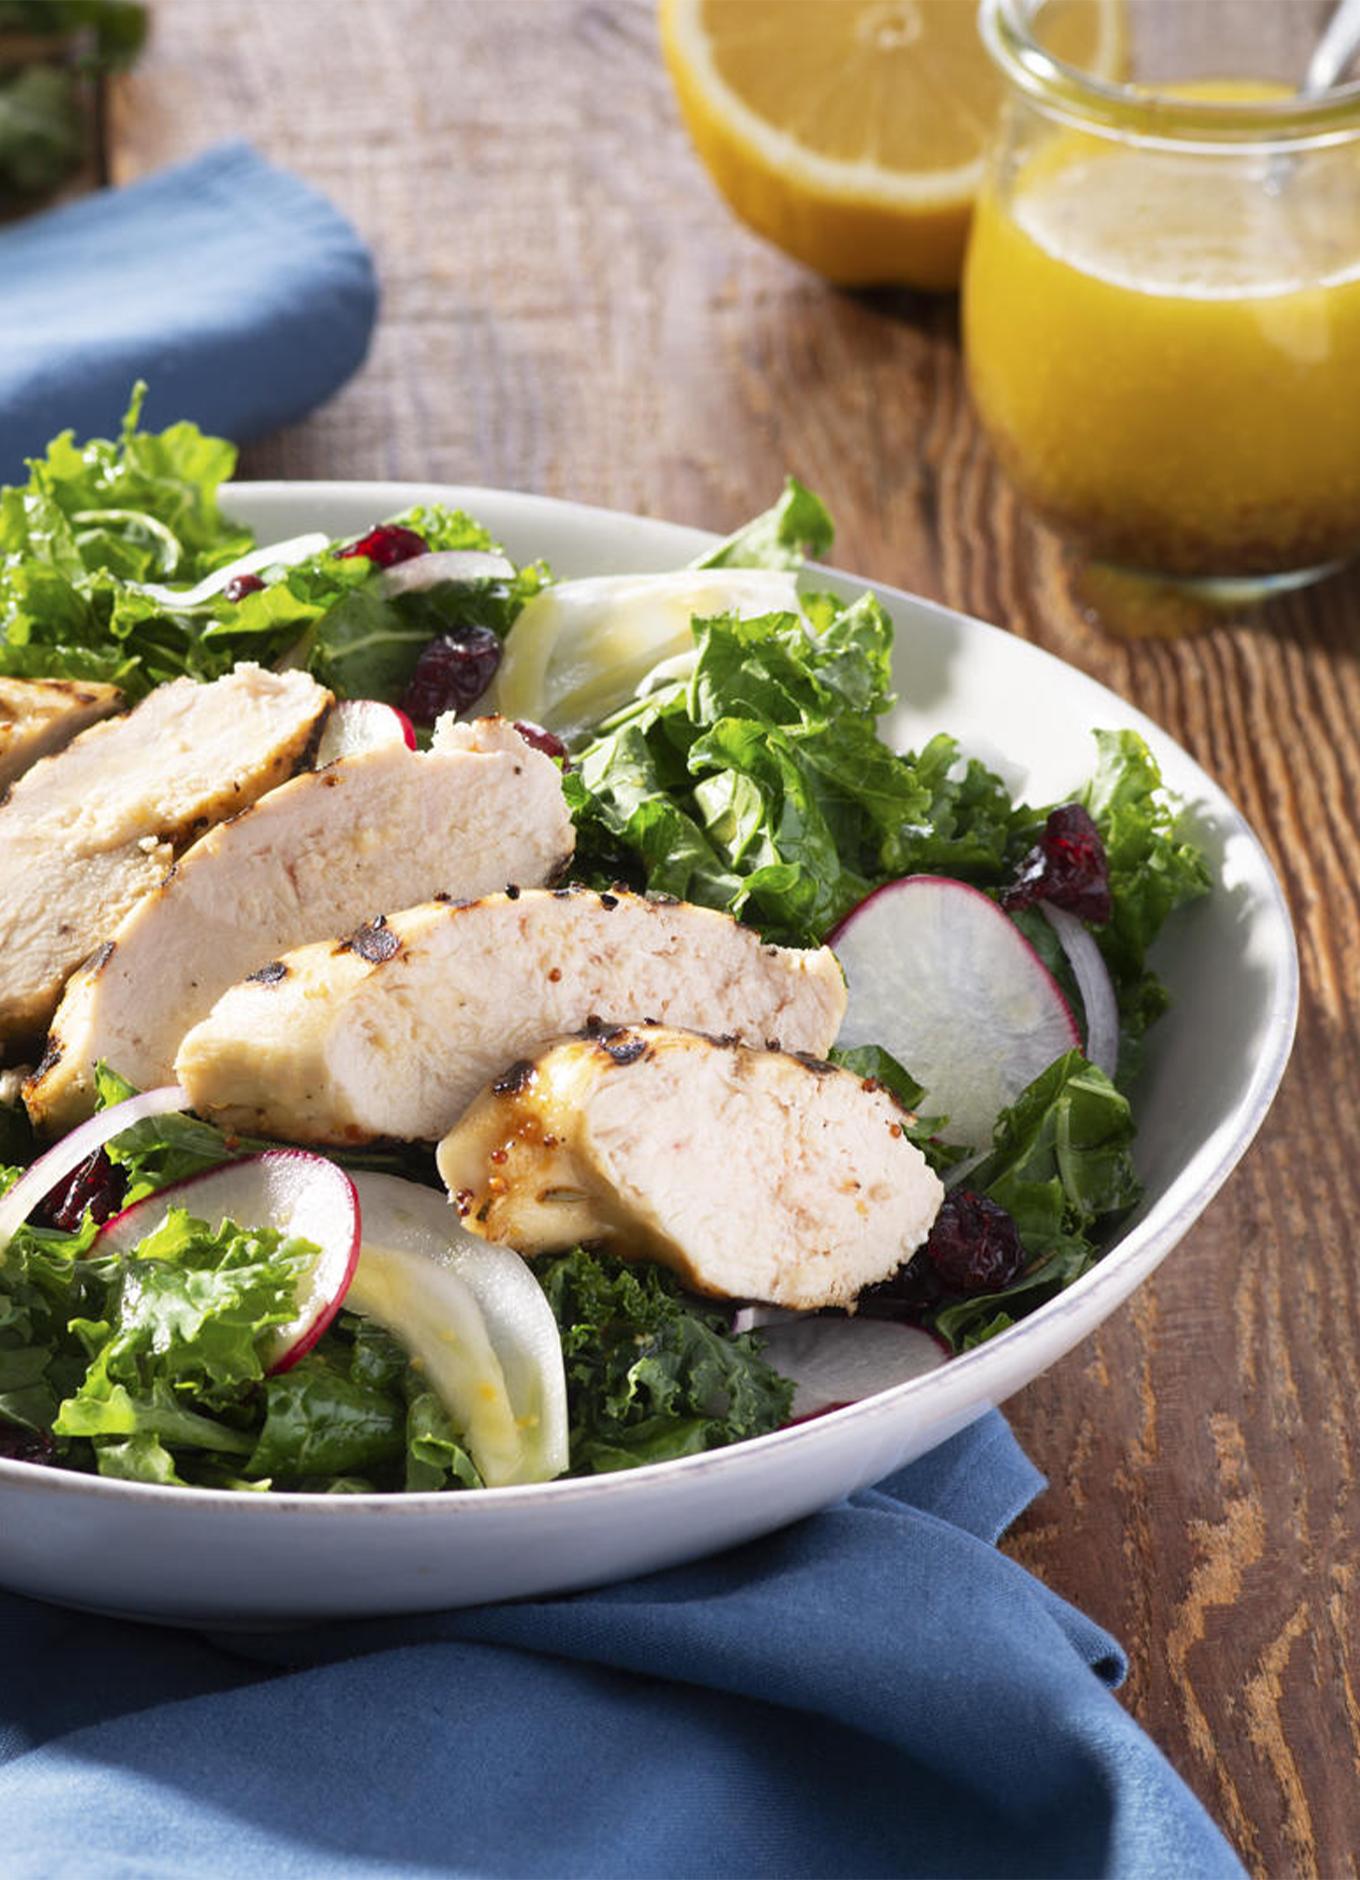 Un bol de salade verte, de radis tranchés et de lanières de poitrine de poulet grillée, à côté d'une serviette de table bleue, de couverts et d'un ramequin de vinaigrette.